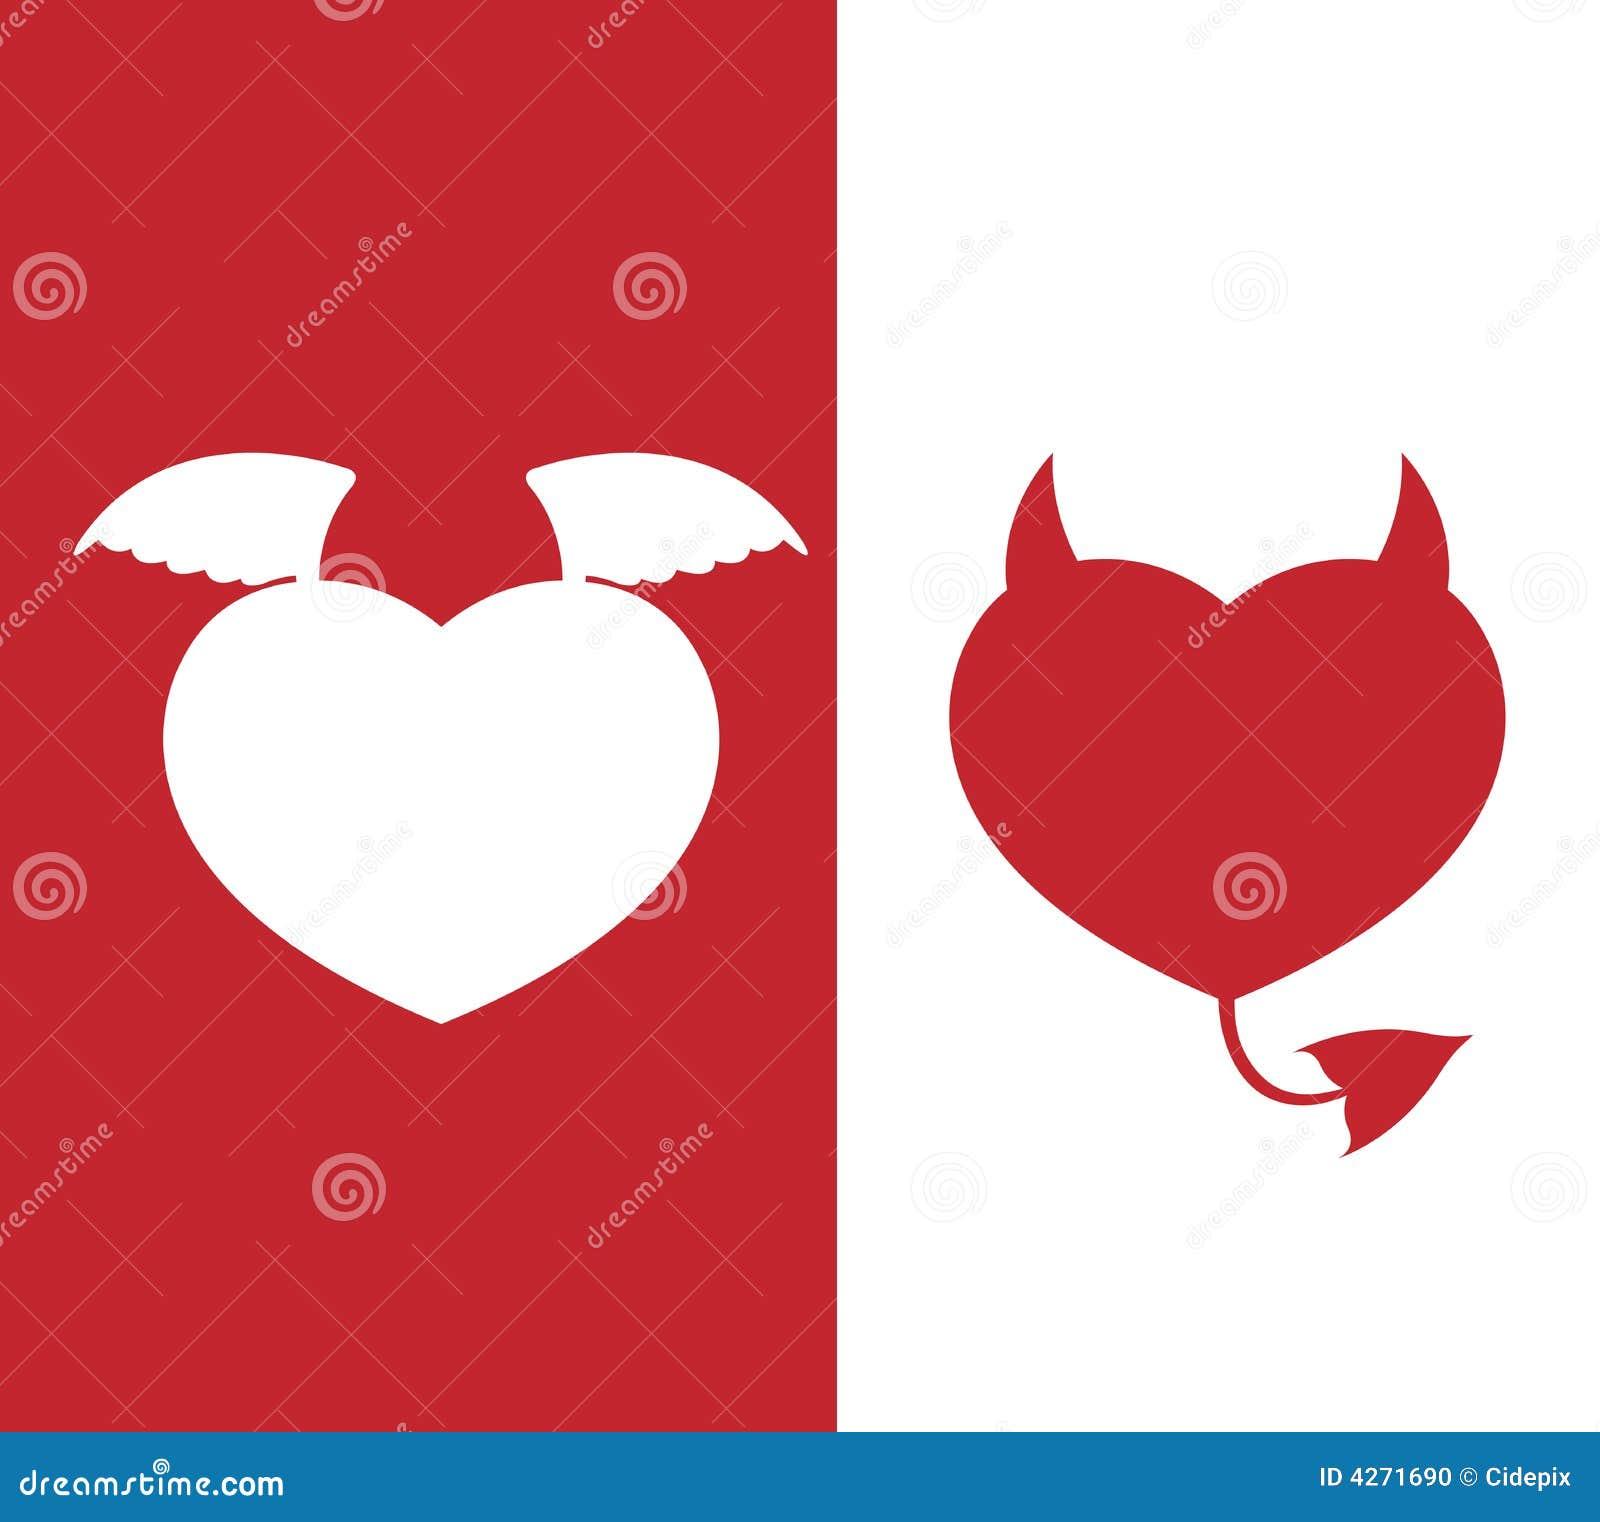 Liefde. goed of kwaad